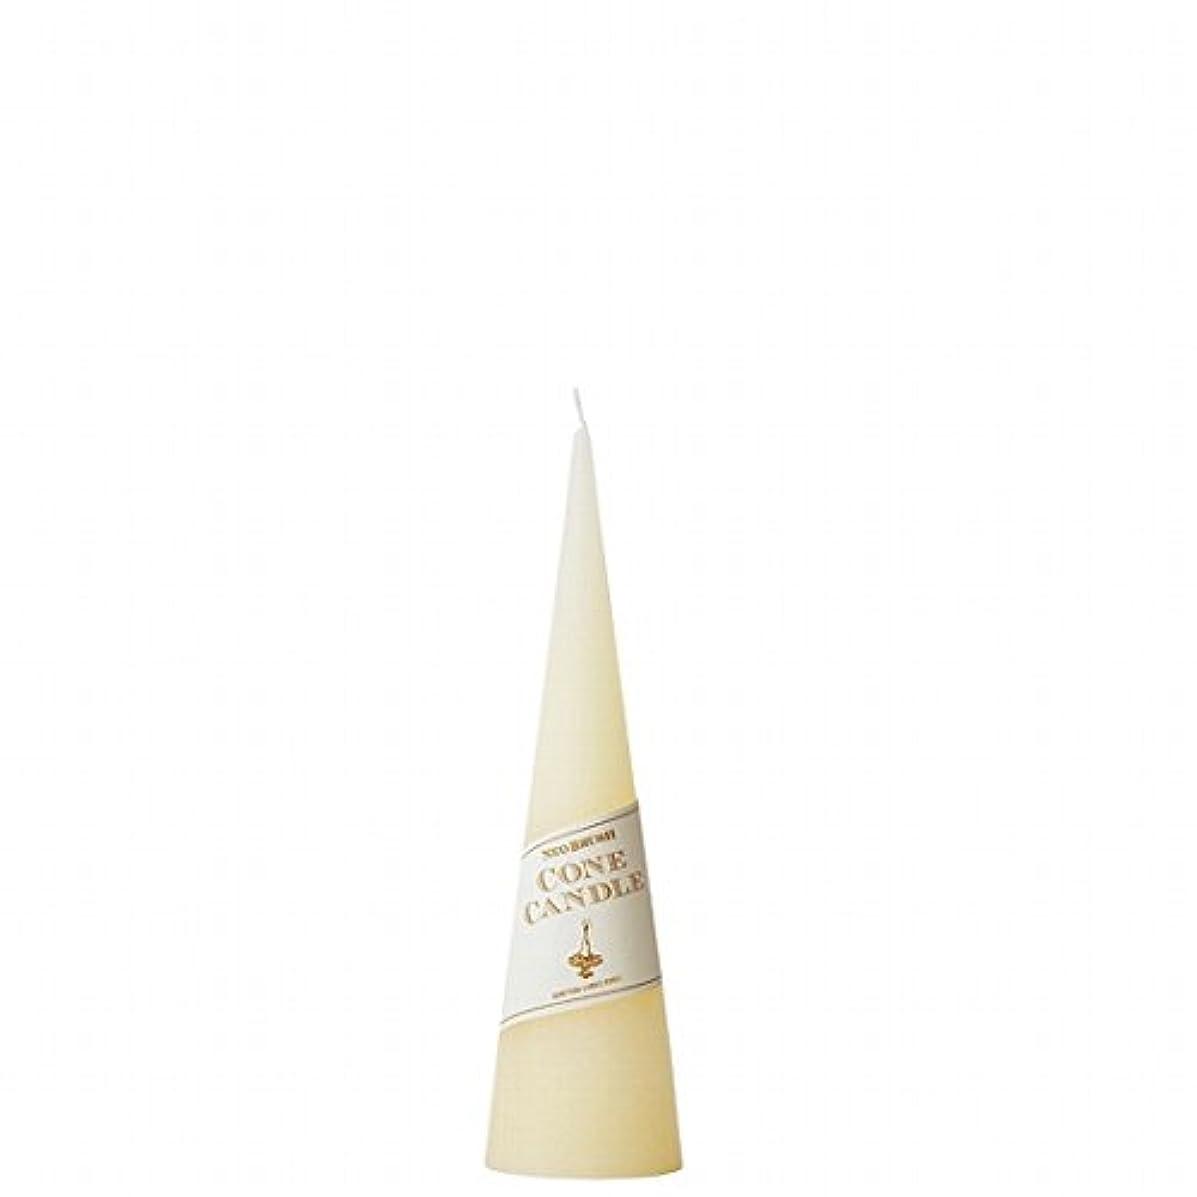 規制するハリケーン保護カメヤマキャンドル( kameyama candle ) ネオブラッシュコーン 180 キャンドル 「 アイボリー 」